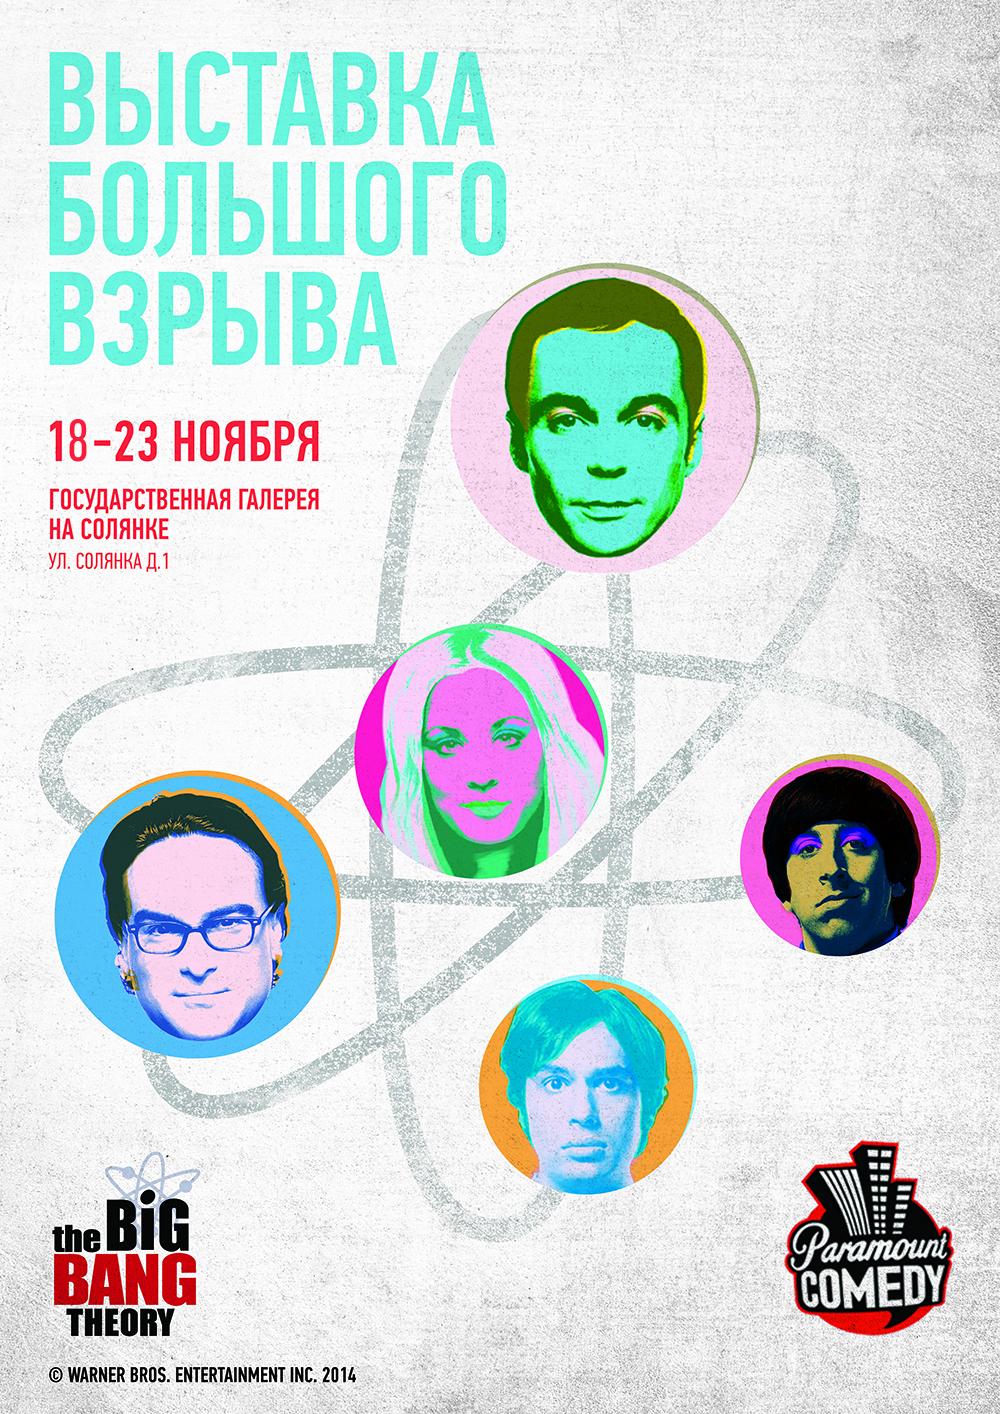 Poster 2.0_Международная Выставка Большого Взрыва в Москве_17-23 ноября